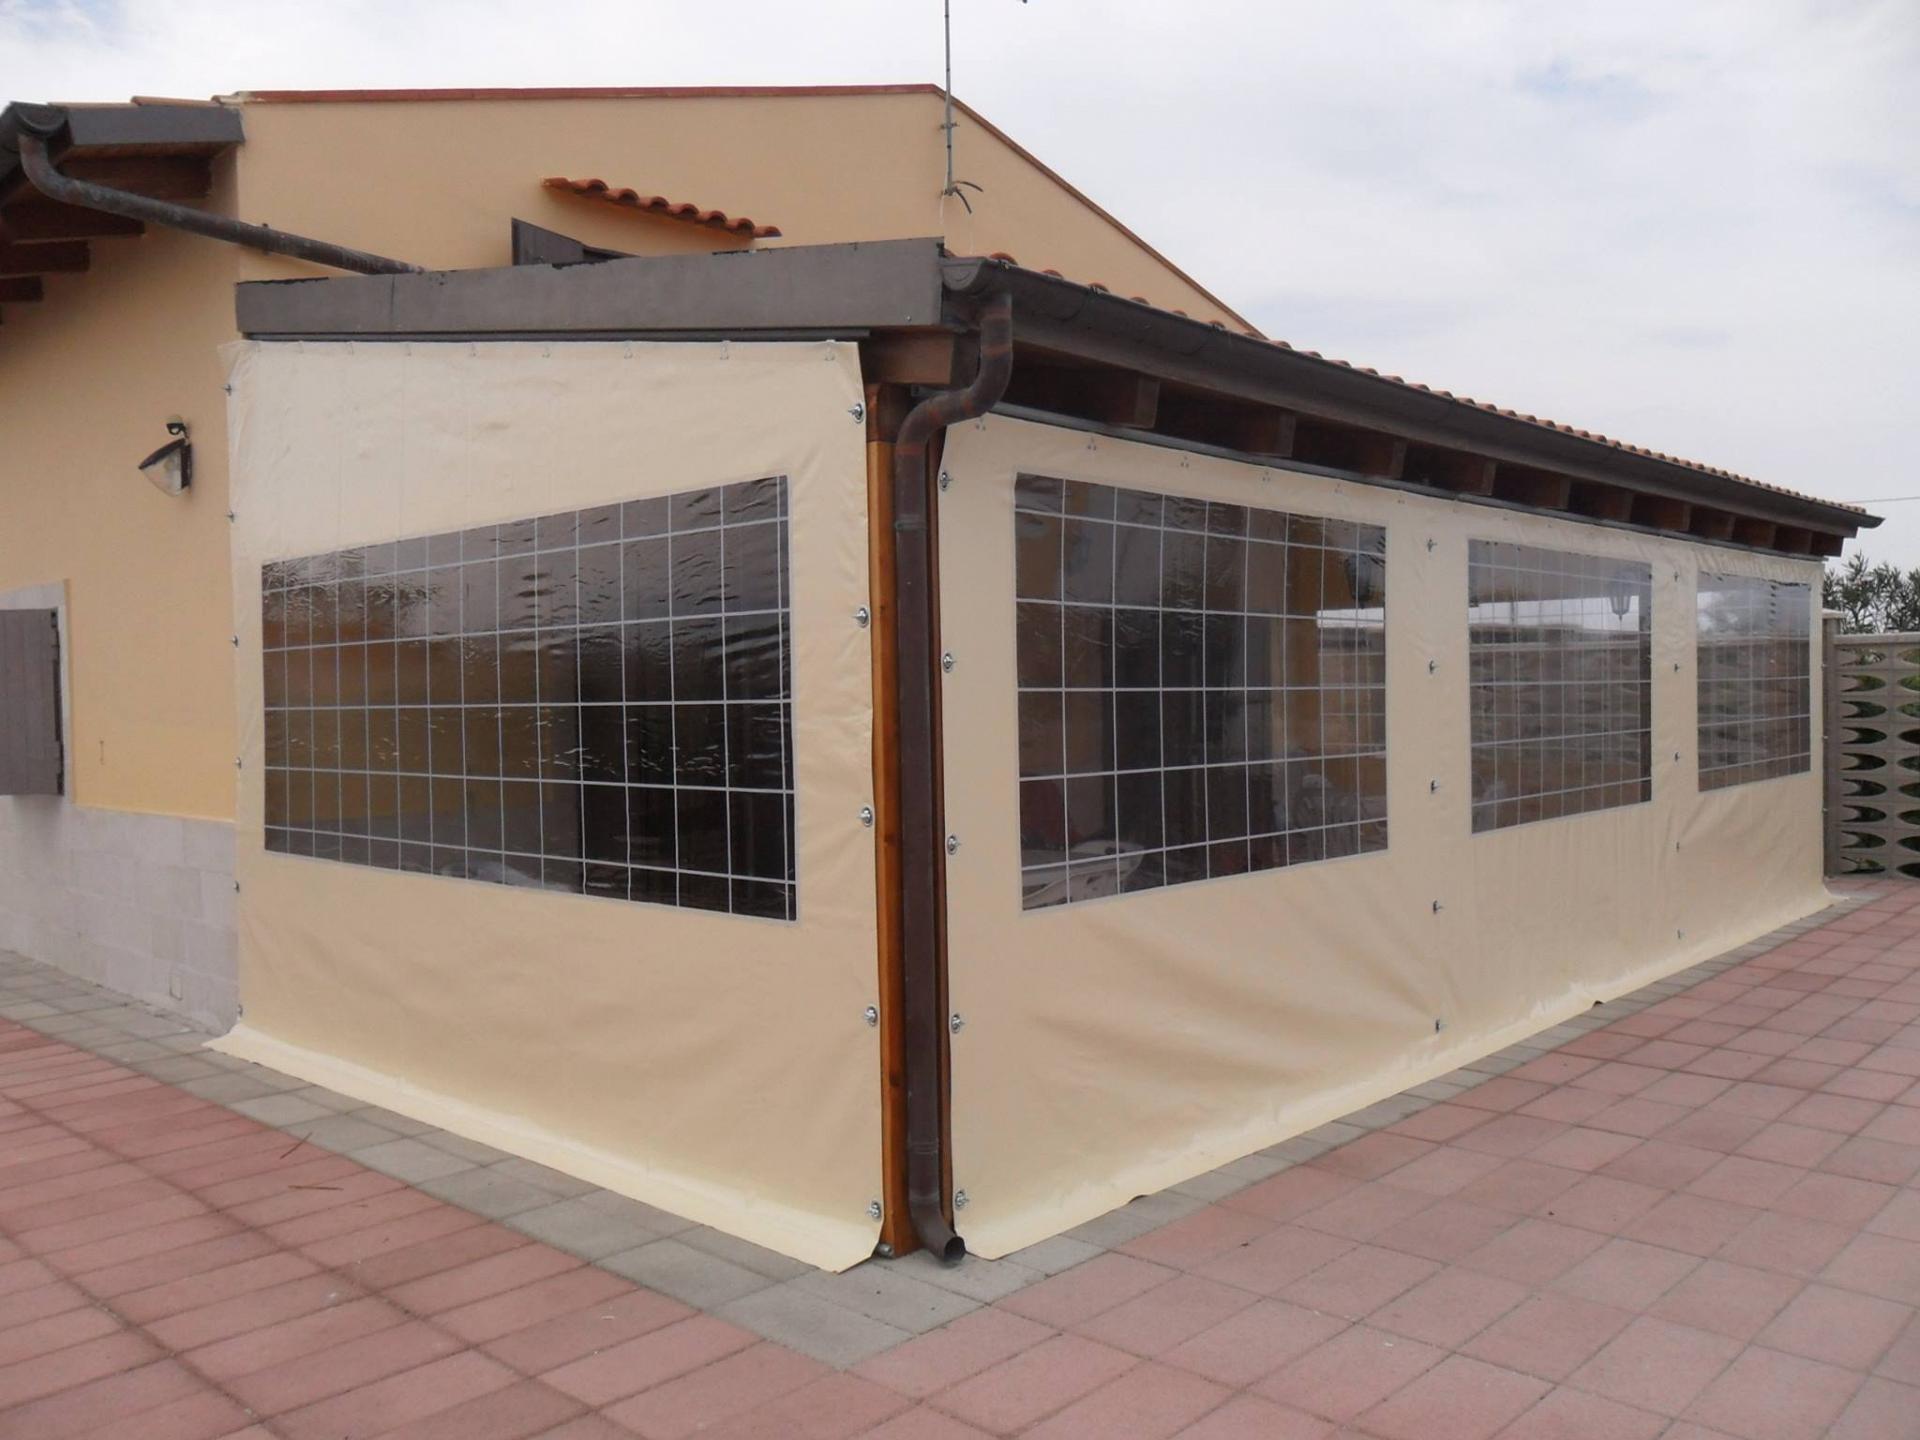 Chiusura per gazebo in legno - Chiusure per finestre in legno ...